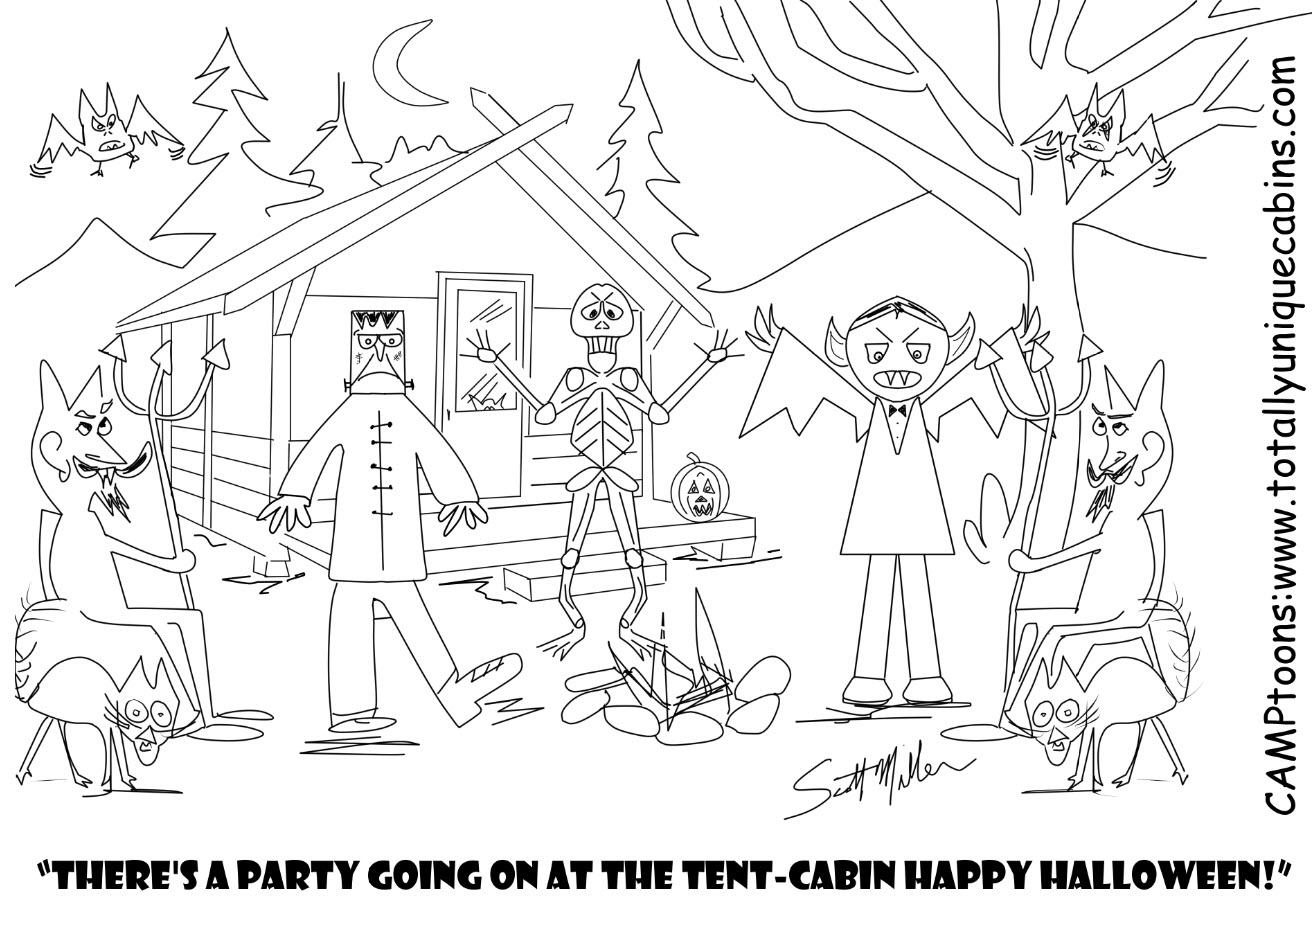 Tent Cabin Halloween